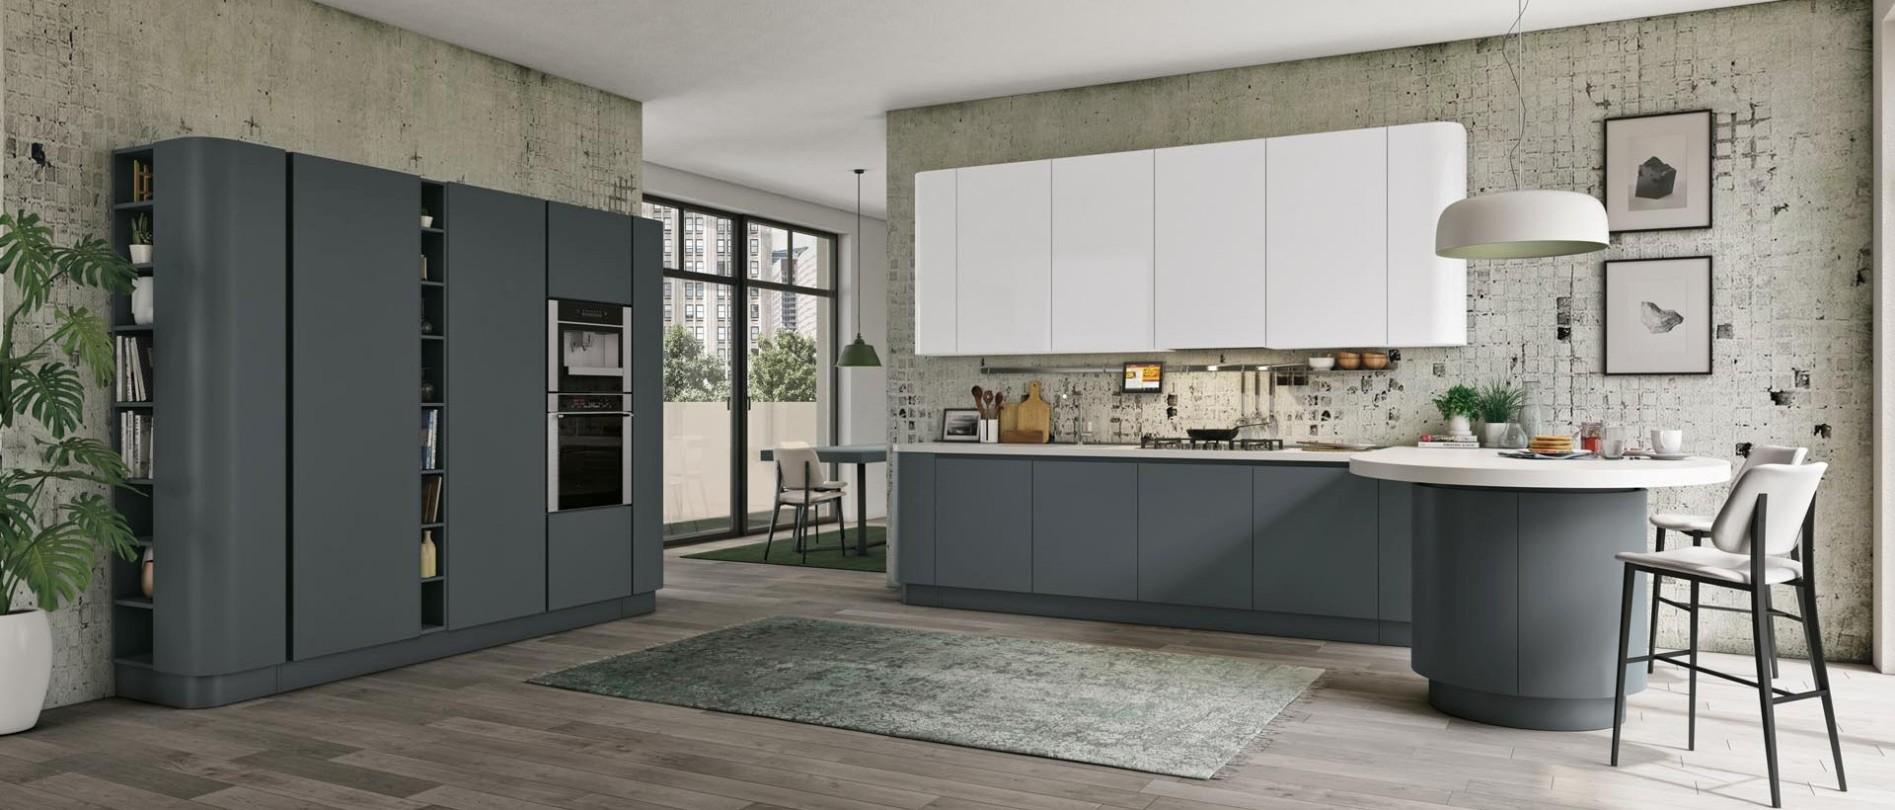 Nett Eigene Küche Design Schränke Hersteller Fotos - Ideen Für Die ...